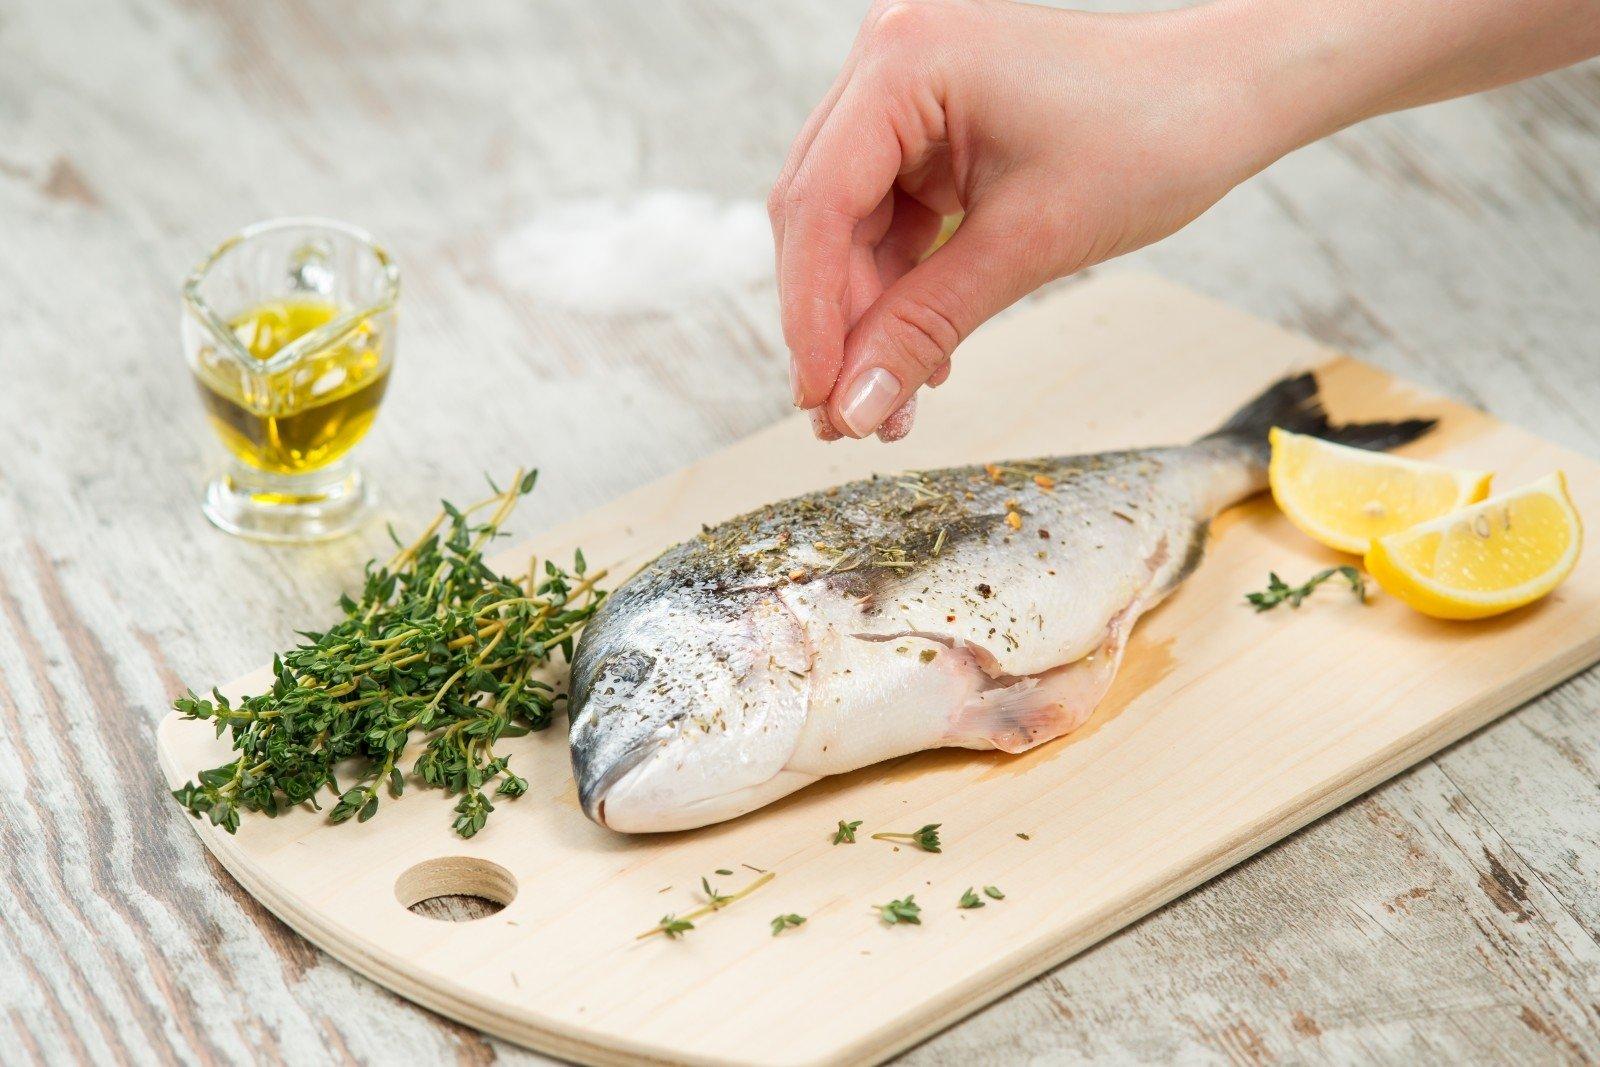 ar galima valgyti chalvą su hipertenzija 3 laipsnio hipertenzija yra pavojinga